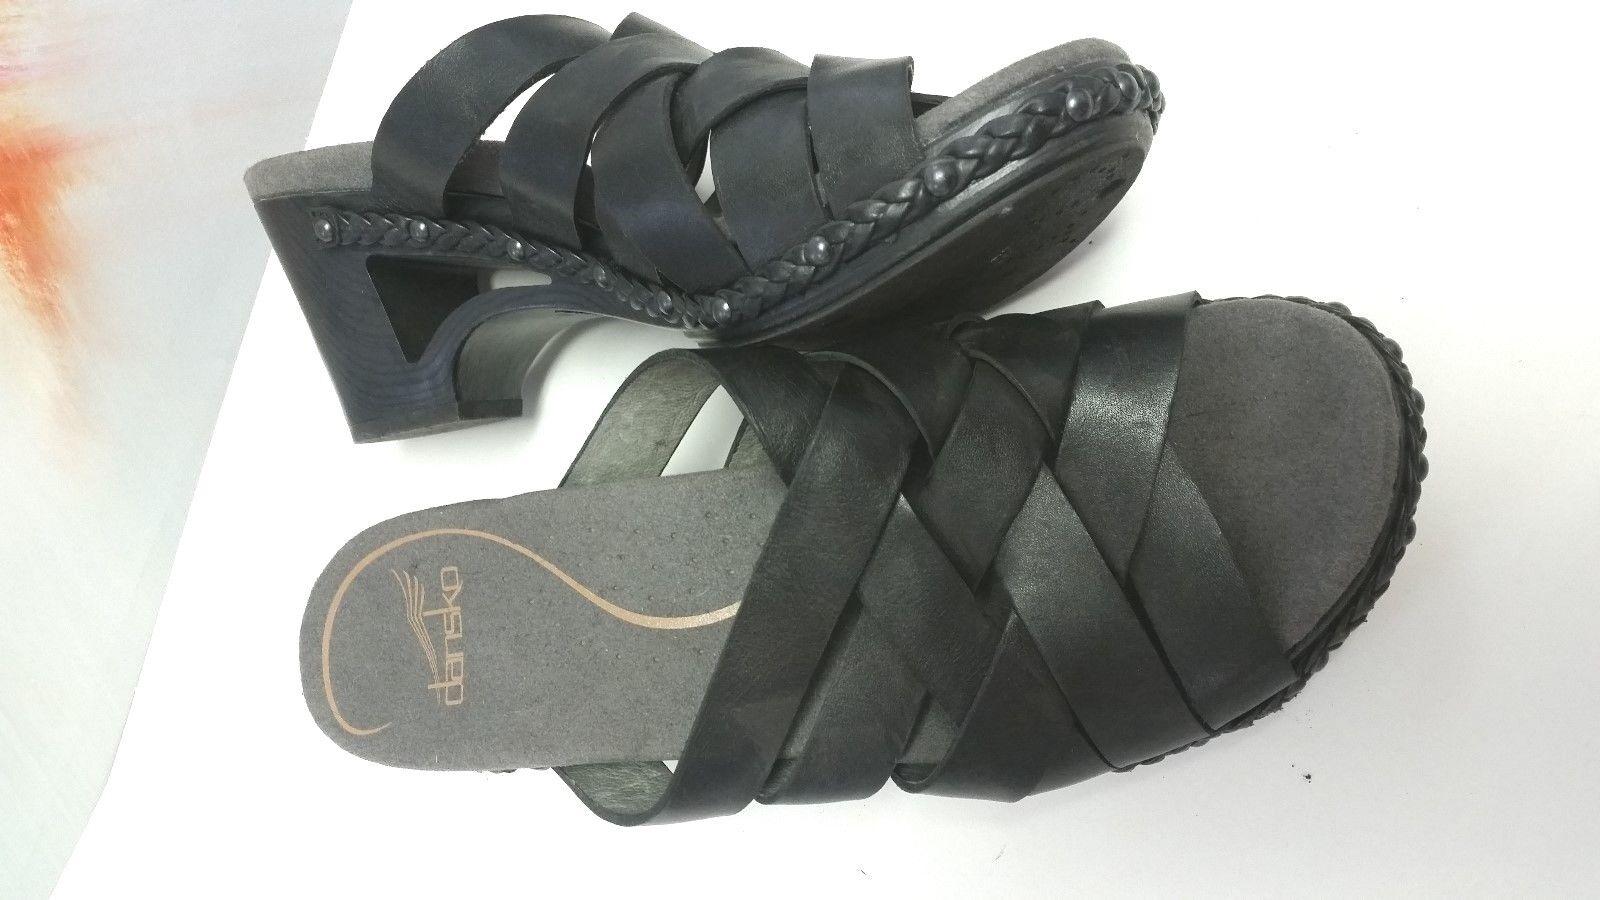 Dansko Size EUR 39 US 8 8.5 Black Leather Sandals Excellent Womens shoes